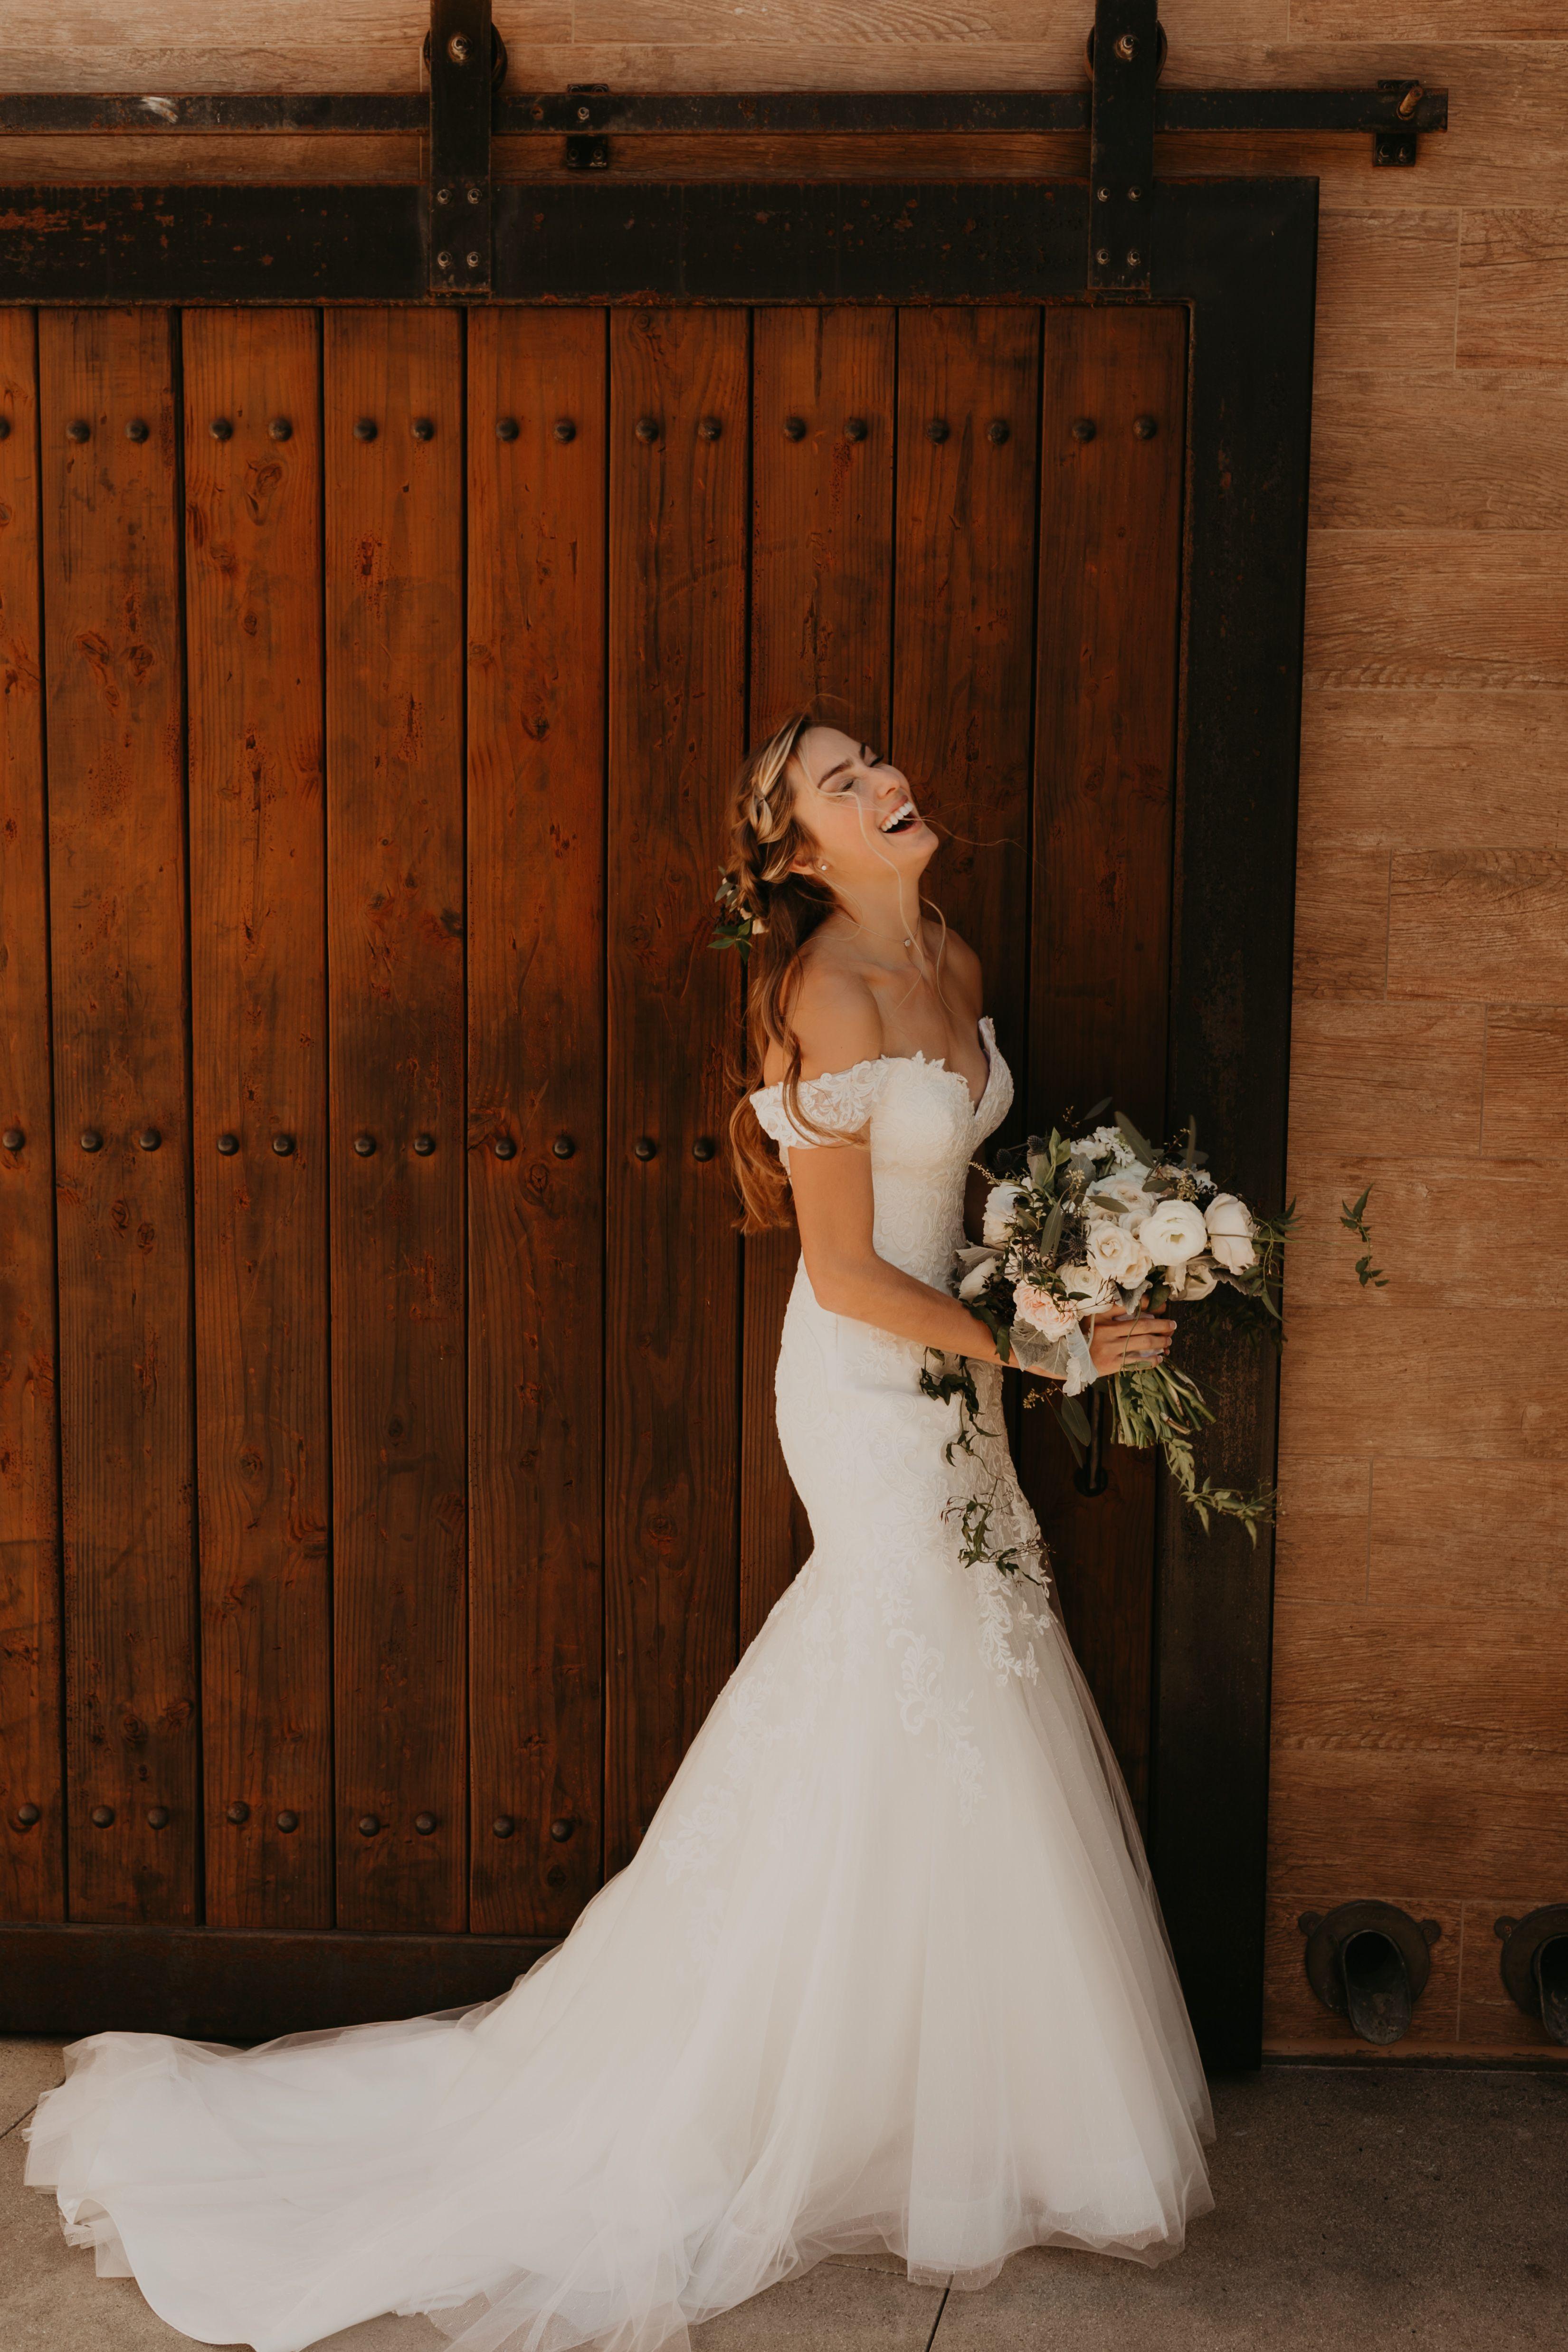 Off The Shoulder Wedding Dress Los Angeles Wedding Photographer In 2020 Barn Wedding Dress Wedding Dresses Los Angeles Barn Wedding